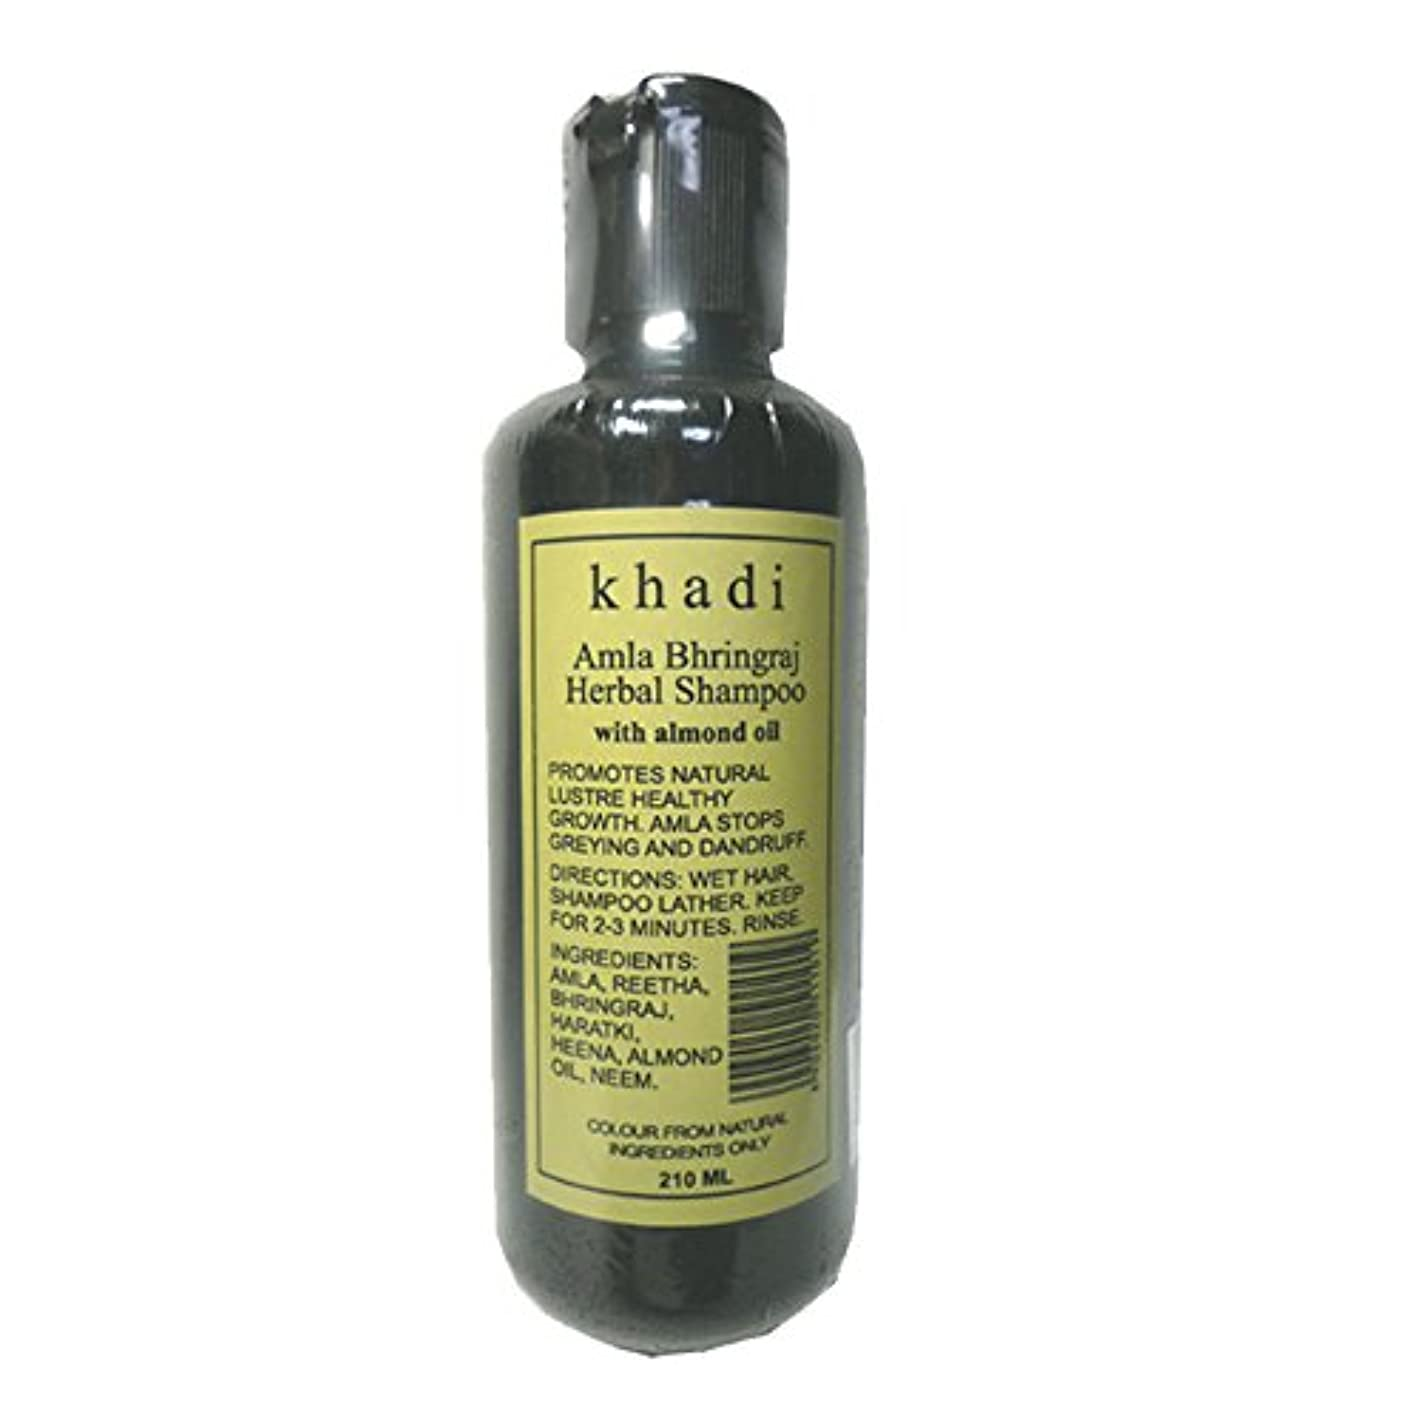 認可エゴイズム争い手作り  カーディ アムラ リーサ ハーバルシャンプー KHADI Amla Rertha  Herbal Shampoo(Amla Bhringraj Herbal Shampoo)